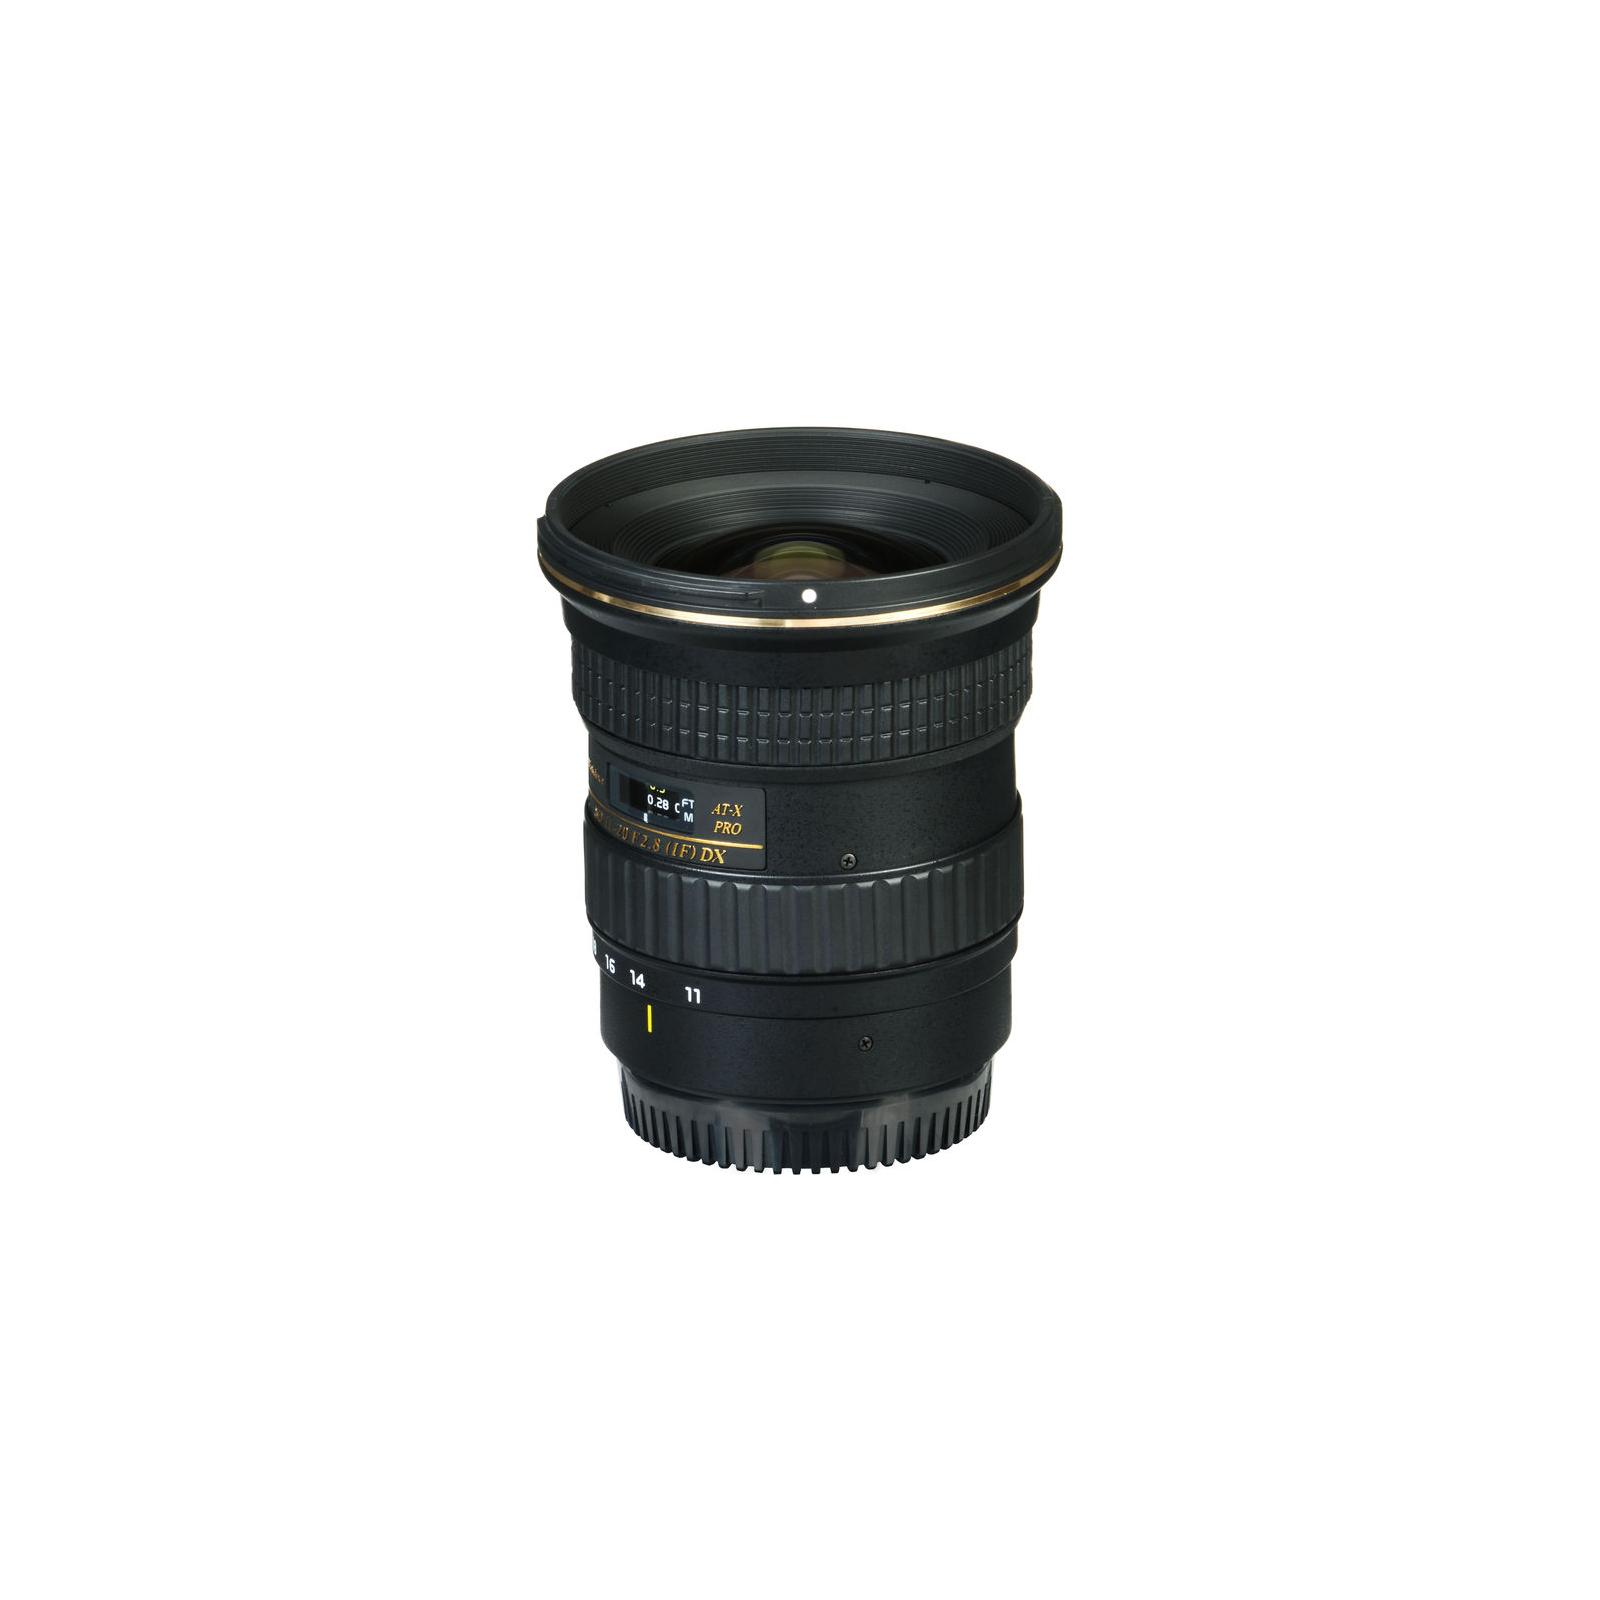 Объектив Tokina AT-X PRO DX 11-20mm f/2.8 (Nikon) (ATXAF120DXN) изображение 4